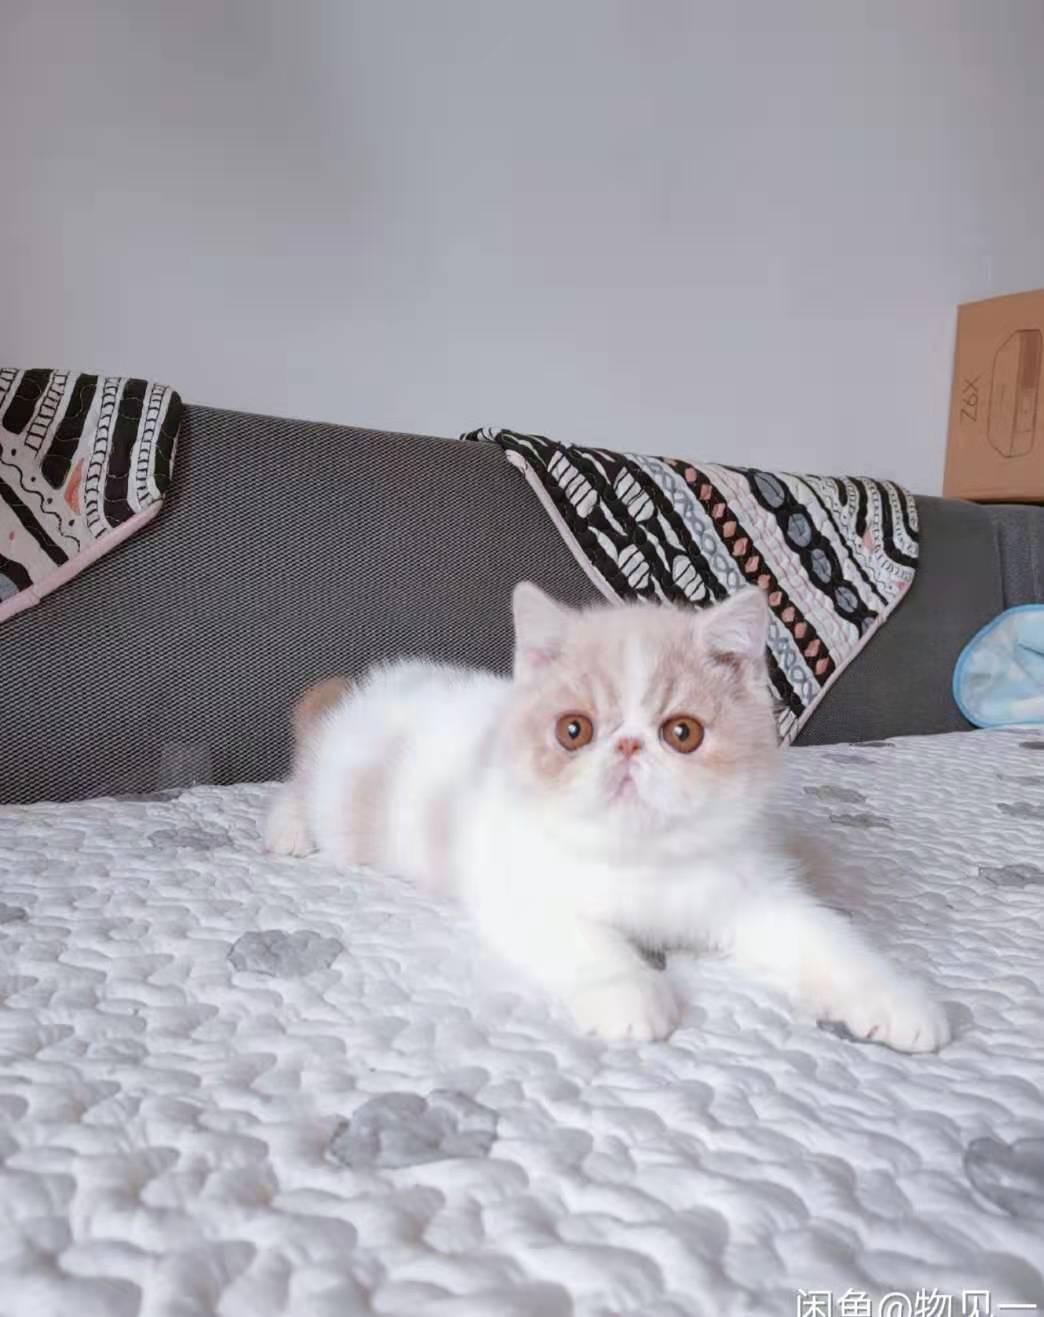 成都哪里有卖加菲猫?关注小萌骨猫舍上门选猫